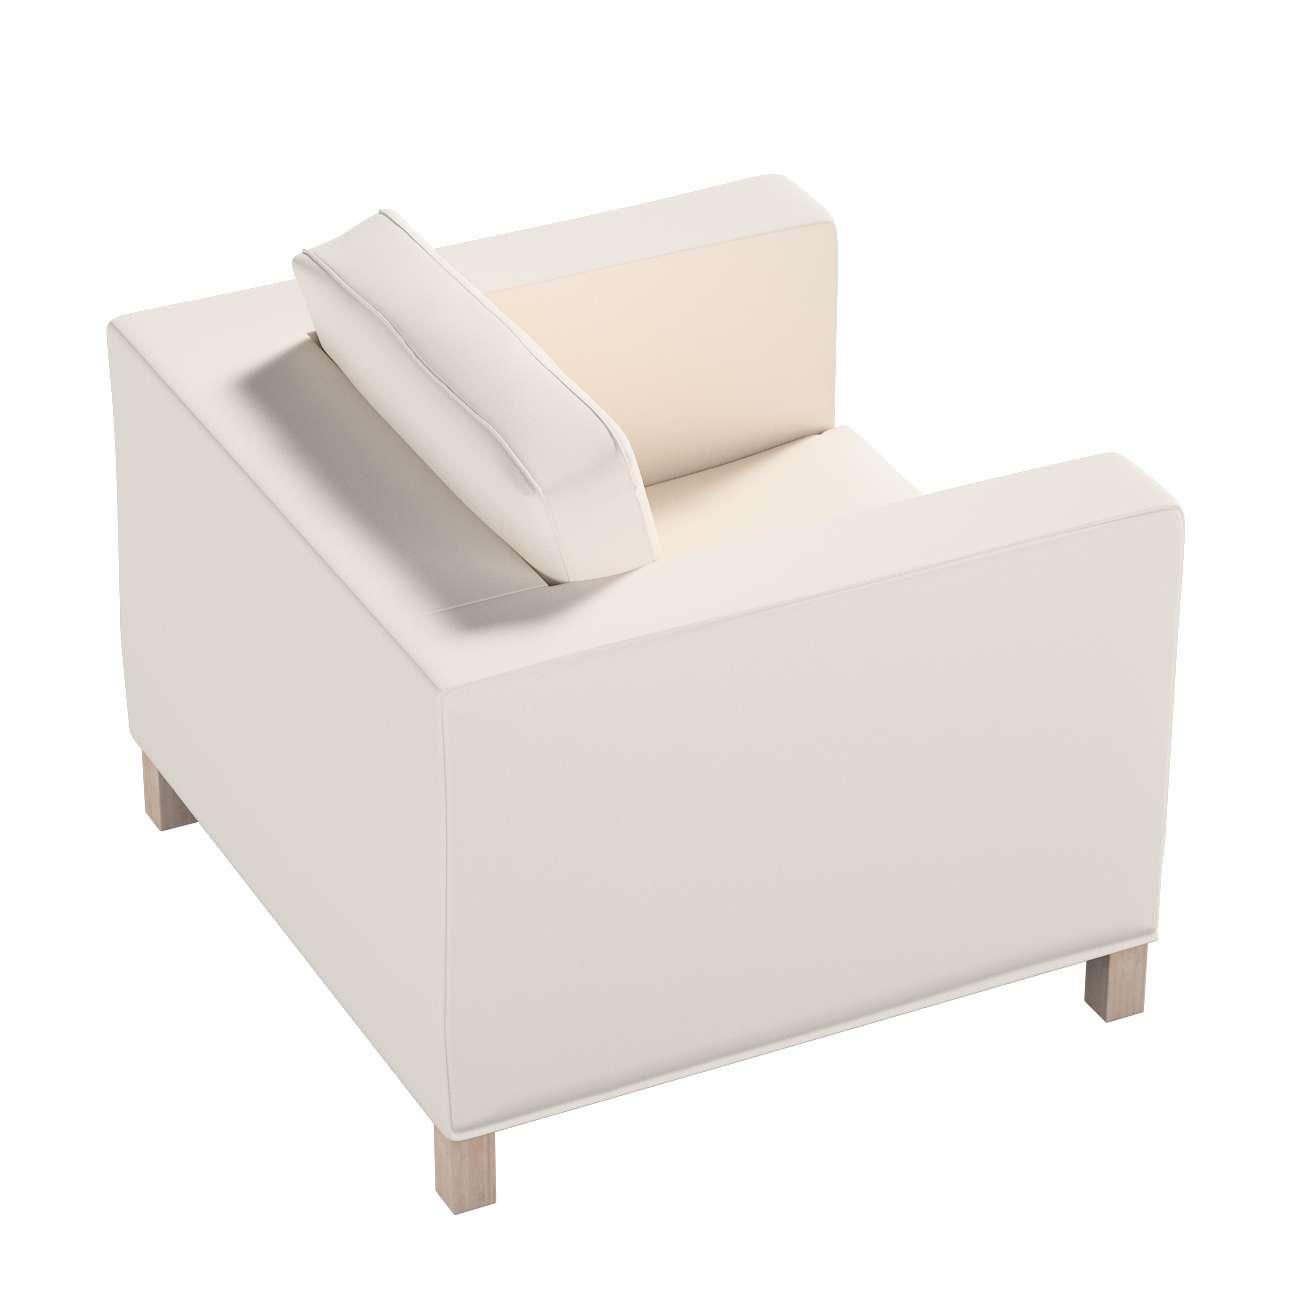 Pokrowiec na fotel Karlanda, krótki w kolekcji Etna, tkanina: 705-01